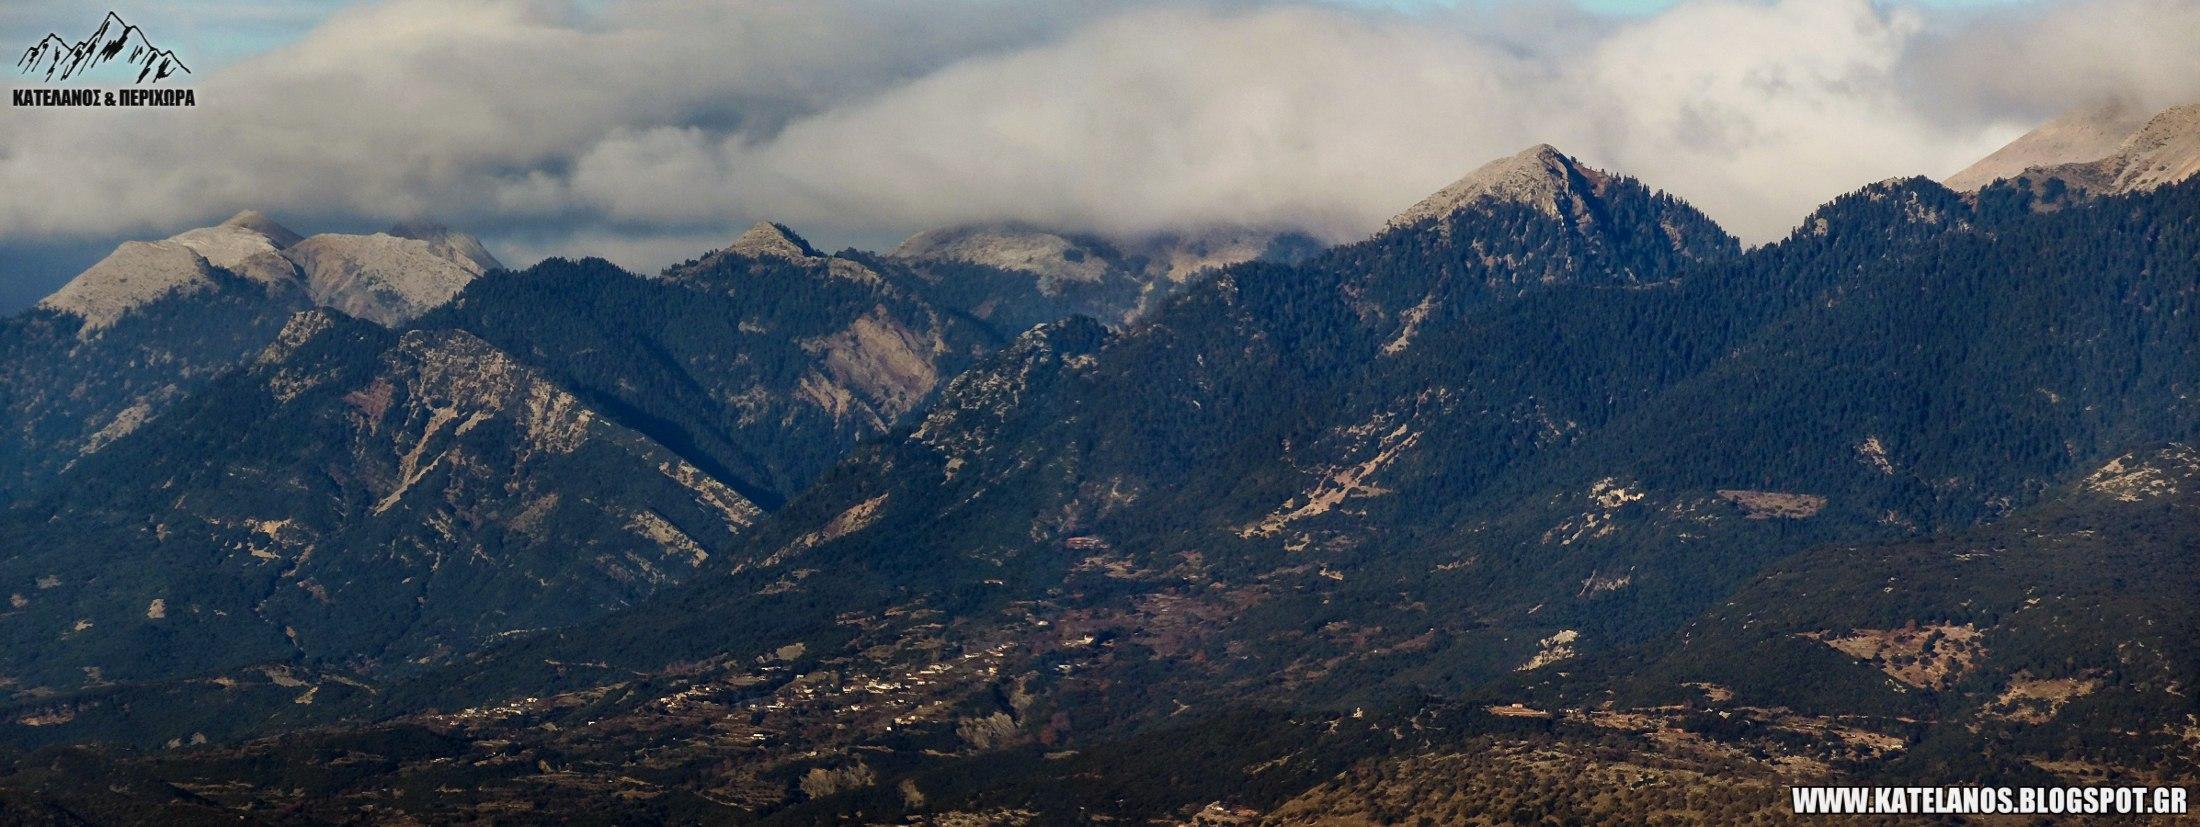 δυτικο παναιτωλικό οροσειρά κορυφές γερακούλα κοφτερό αγια βαρβαρα λυκοχωρι αιτωλοακαρνανιας